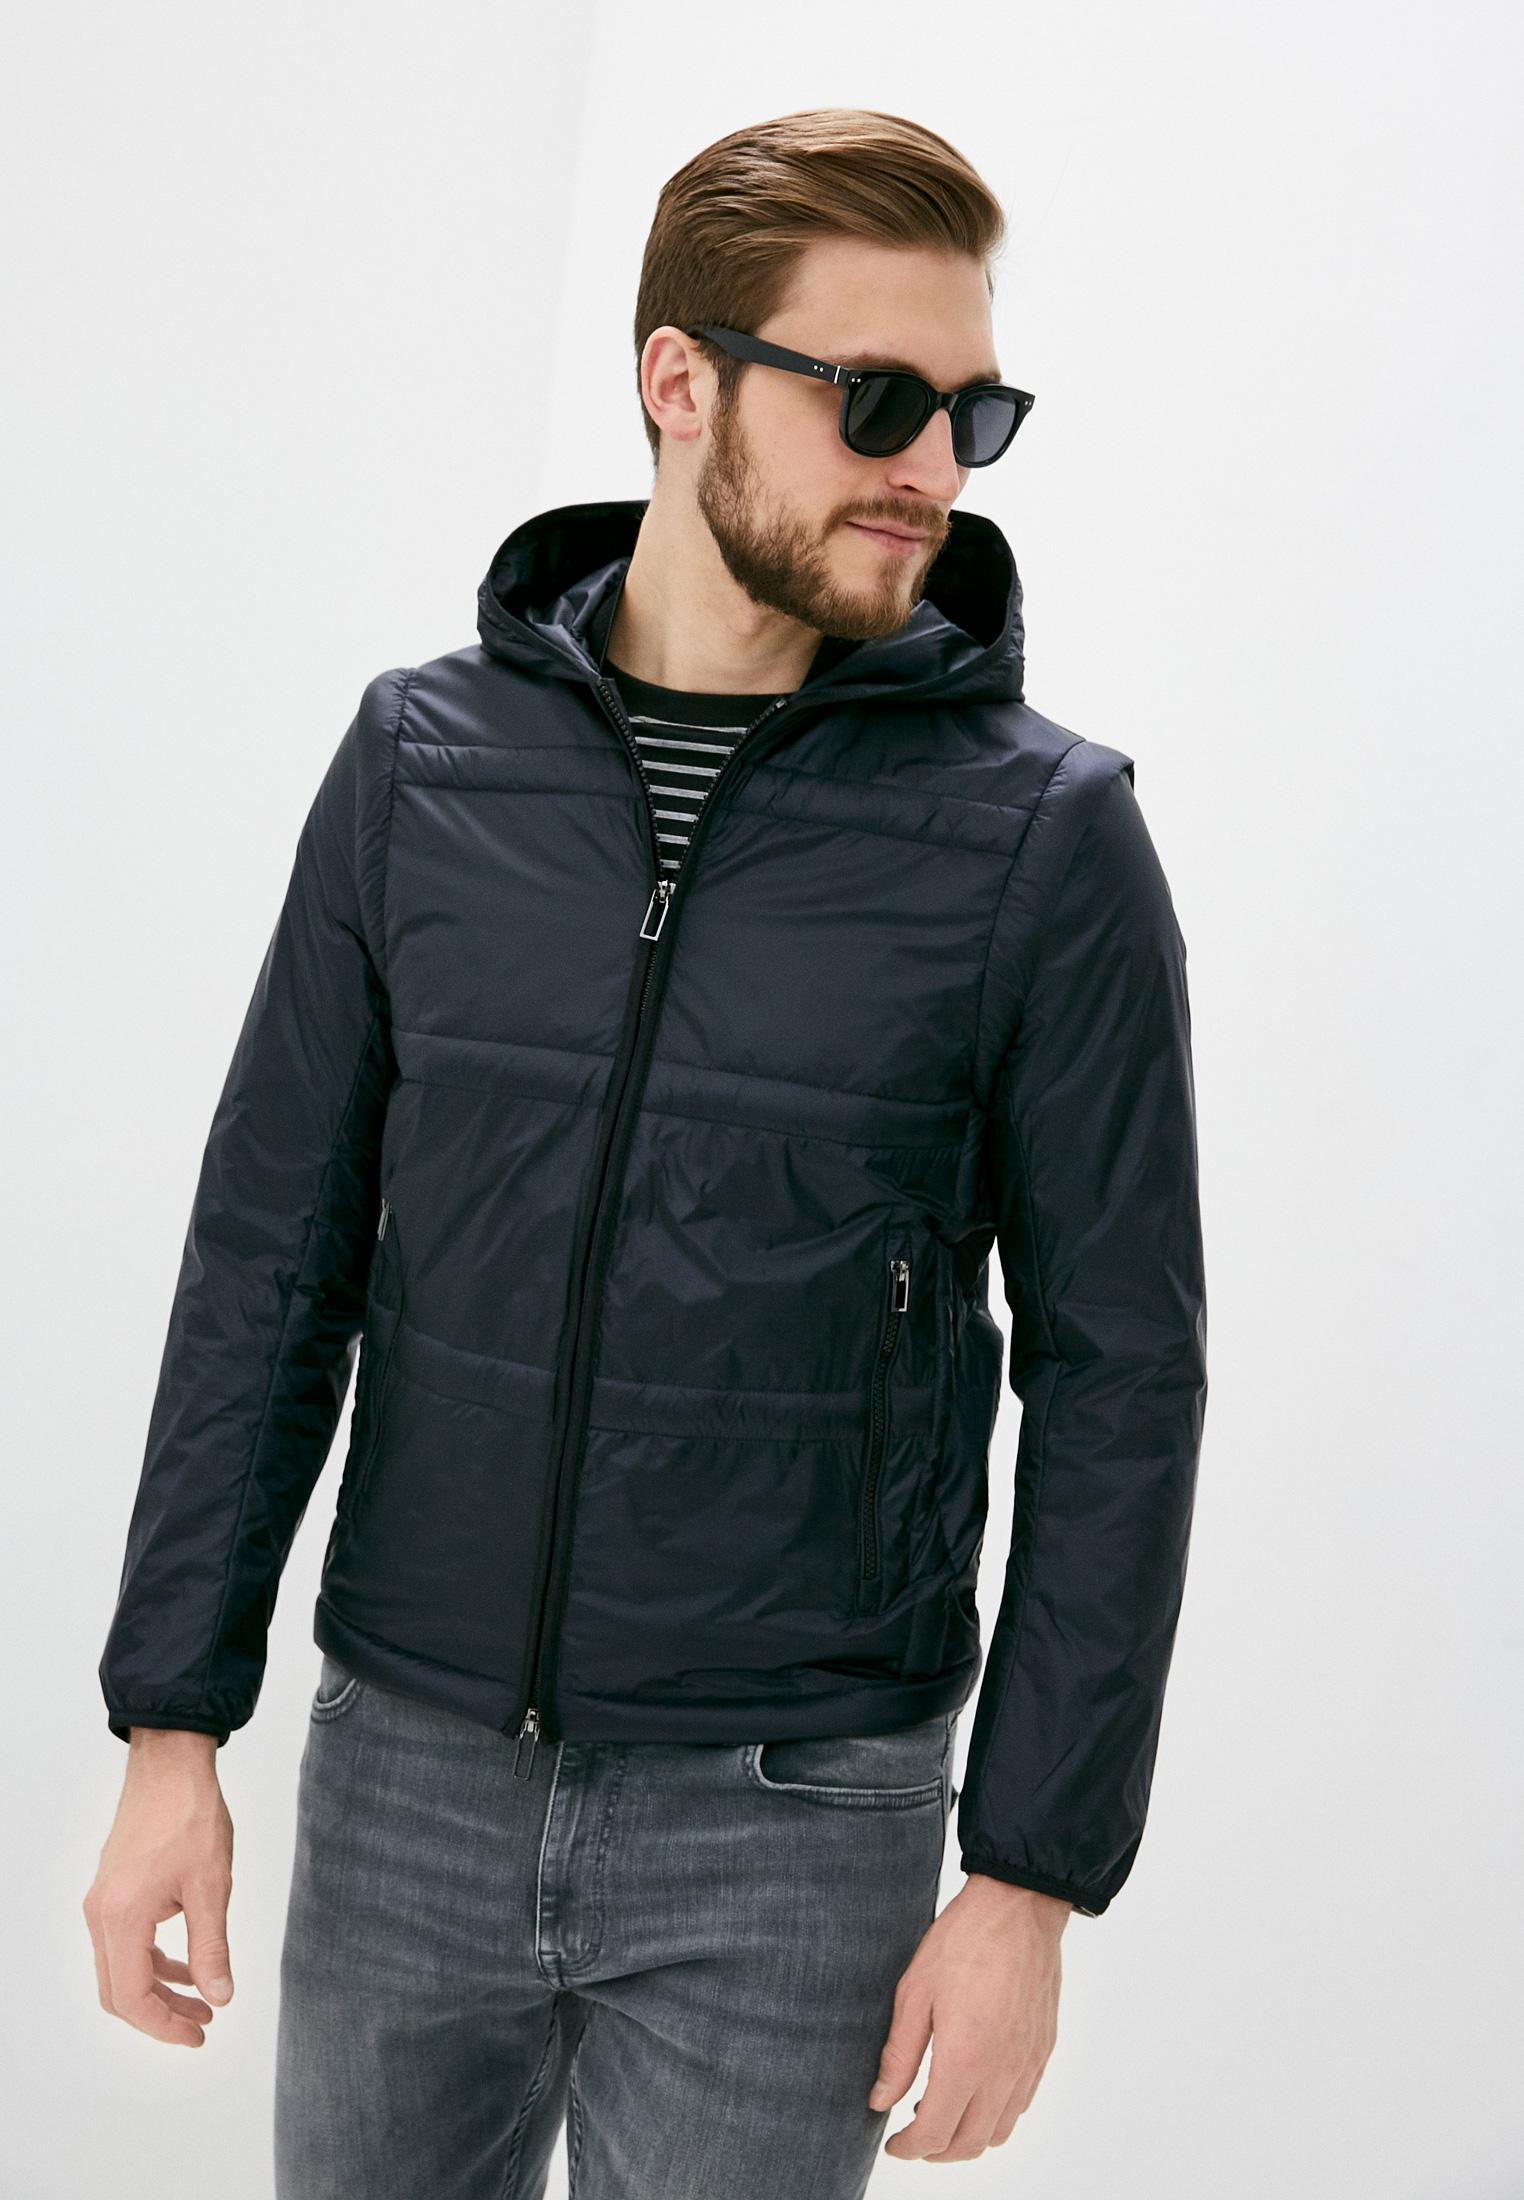 Куртка Emporio Armani (Эмпорио Армани) Куртка утепленная Emporio Armani